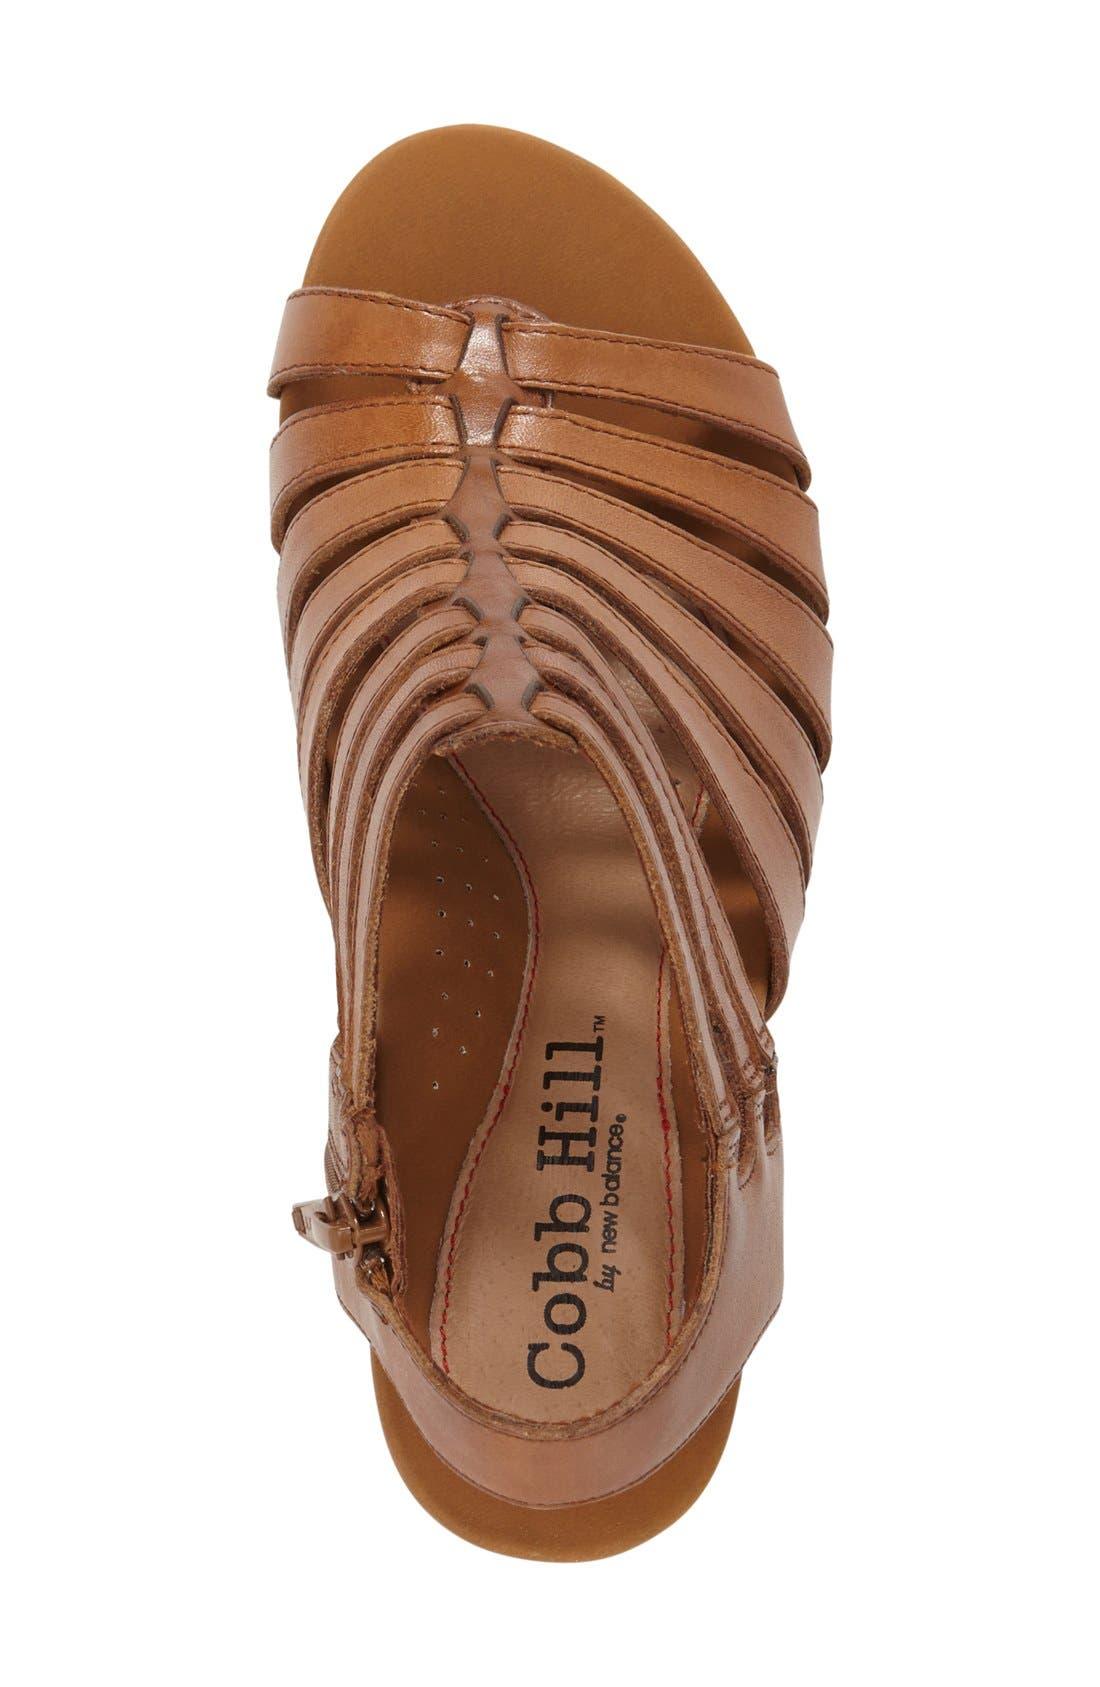 Alternate Image 3  - Rockport Cobb Hill 'Taylor' Caged Sandal (Women)